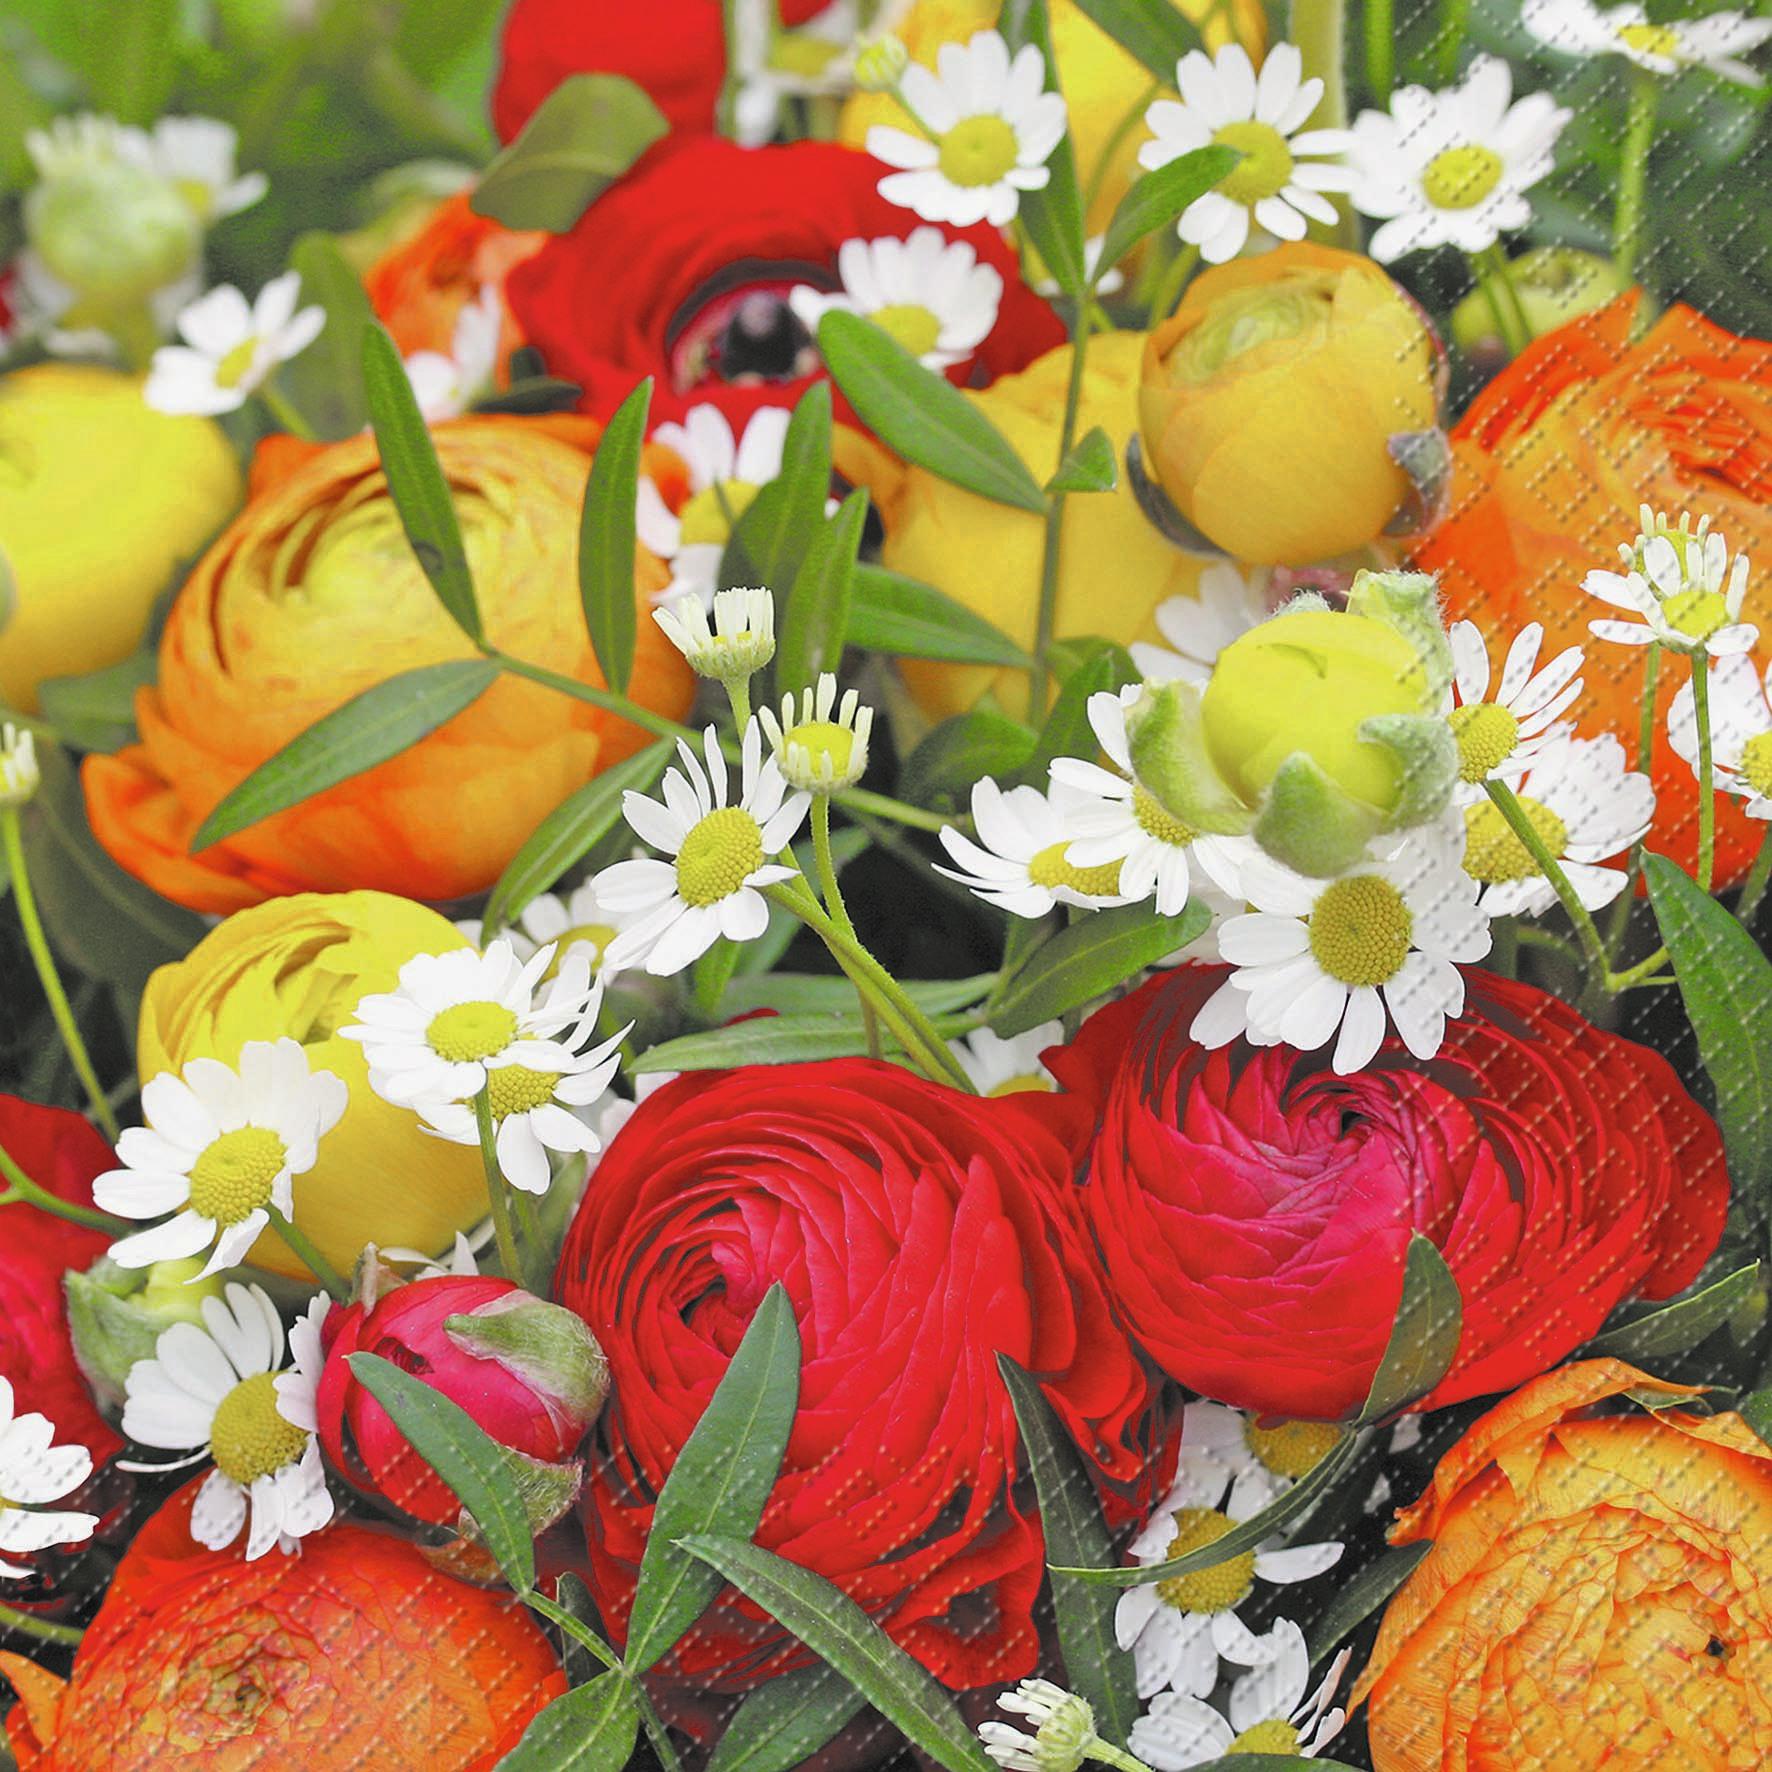 Servietten Blumenmotive,  Blumen -  Sonstige,  Blumen,  Everyday,  lunchservietten,  Blumen